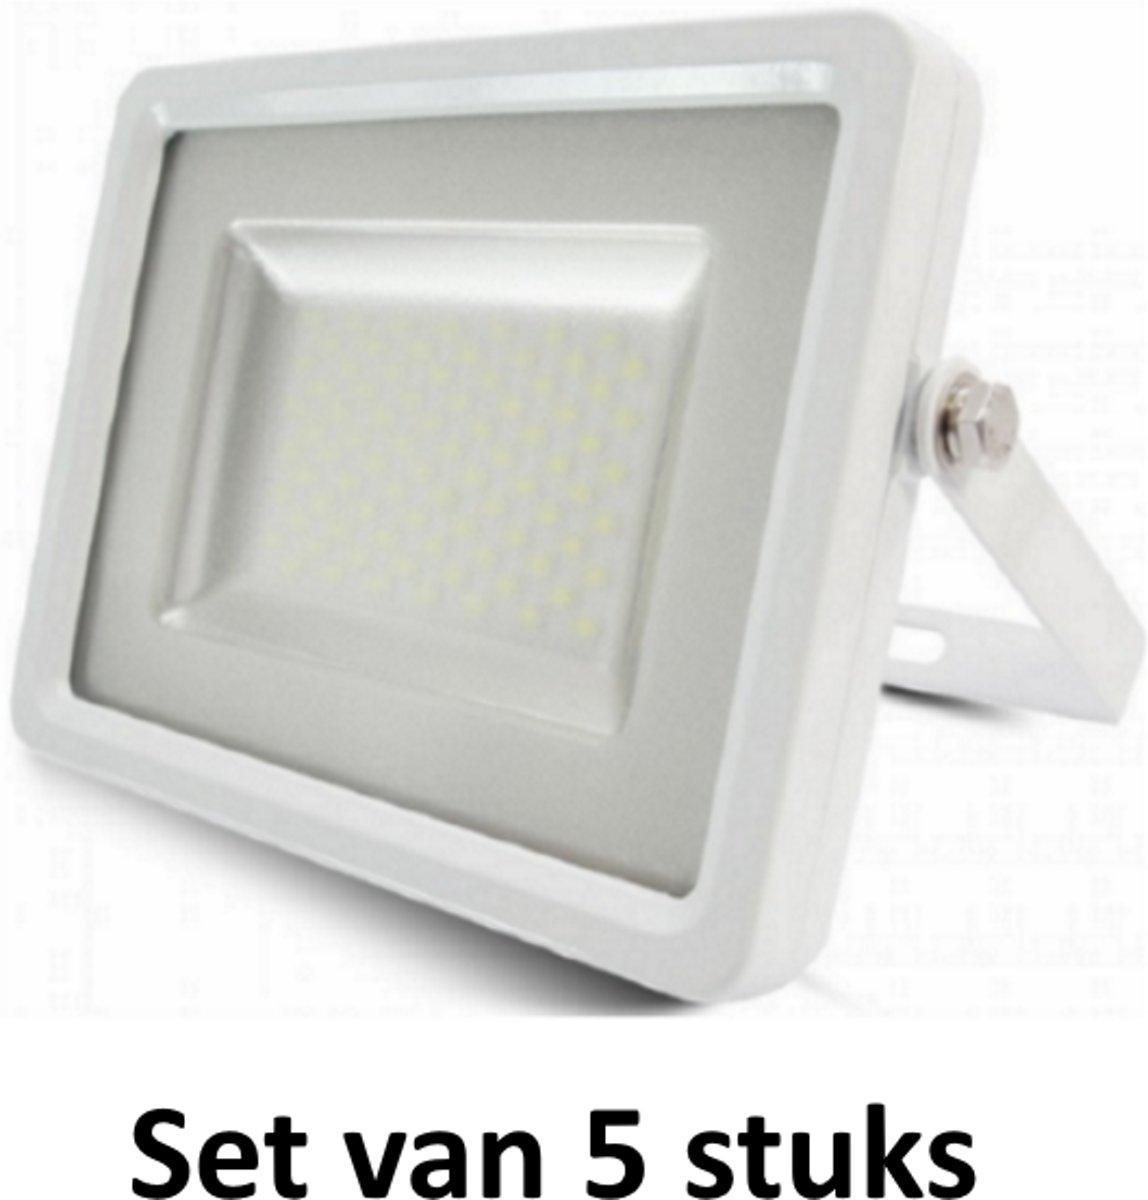 20W LED Bouwlamp| Wit |4000K (Koel  Wit)|vervangt 100W halogeen | Set van 5